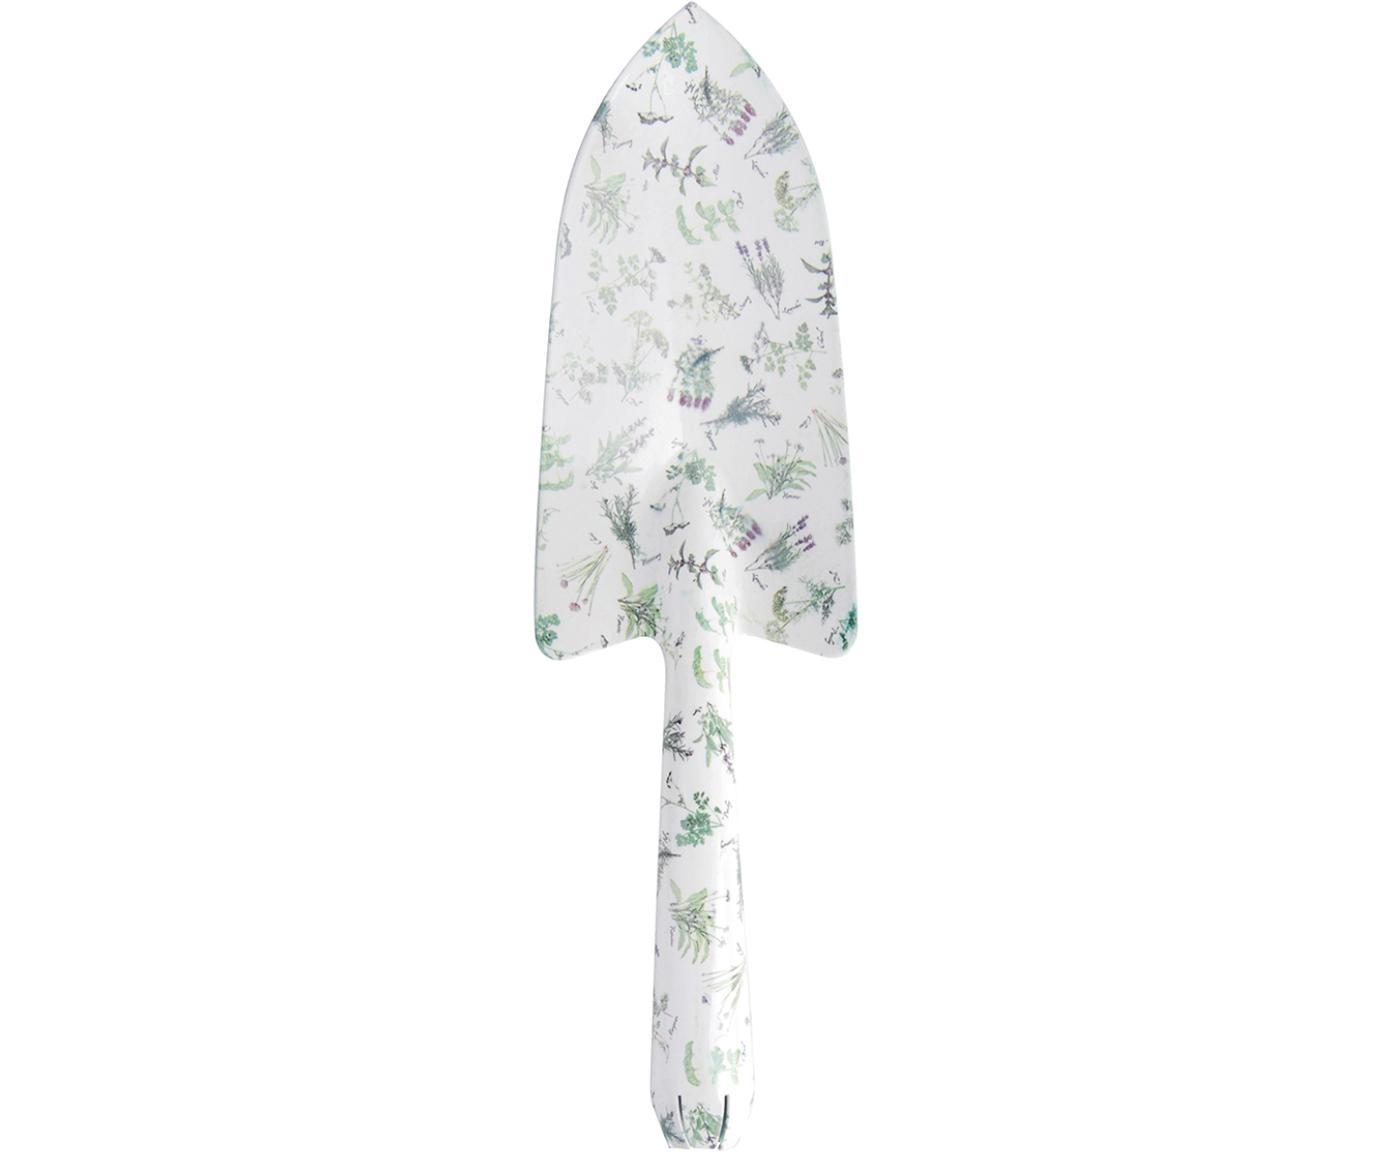 Blumenkelle Herbs, Weichstahl, beschichtet, Weiß, Grün, 8 x 28 cm